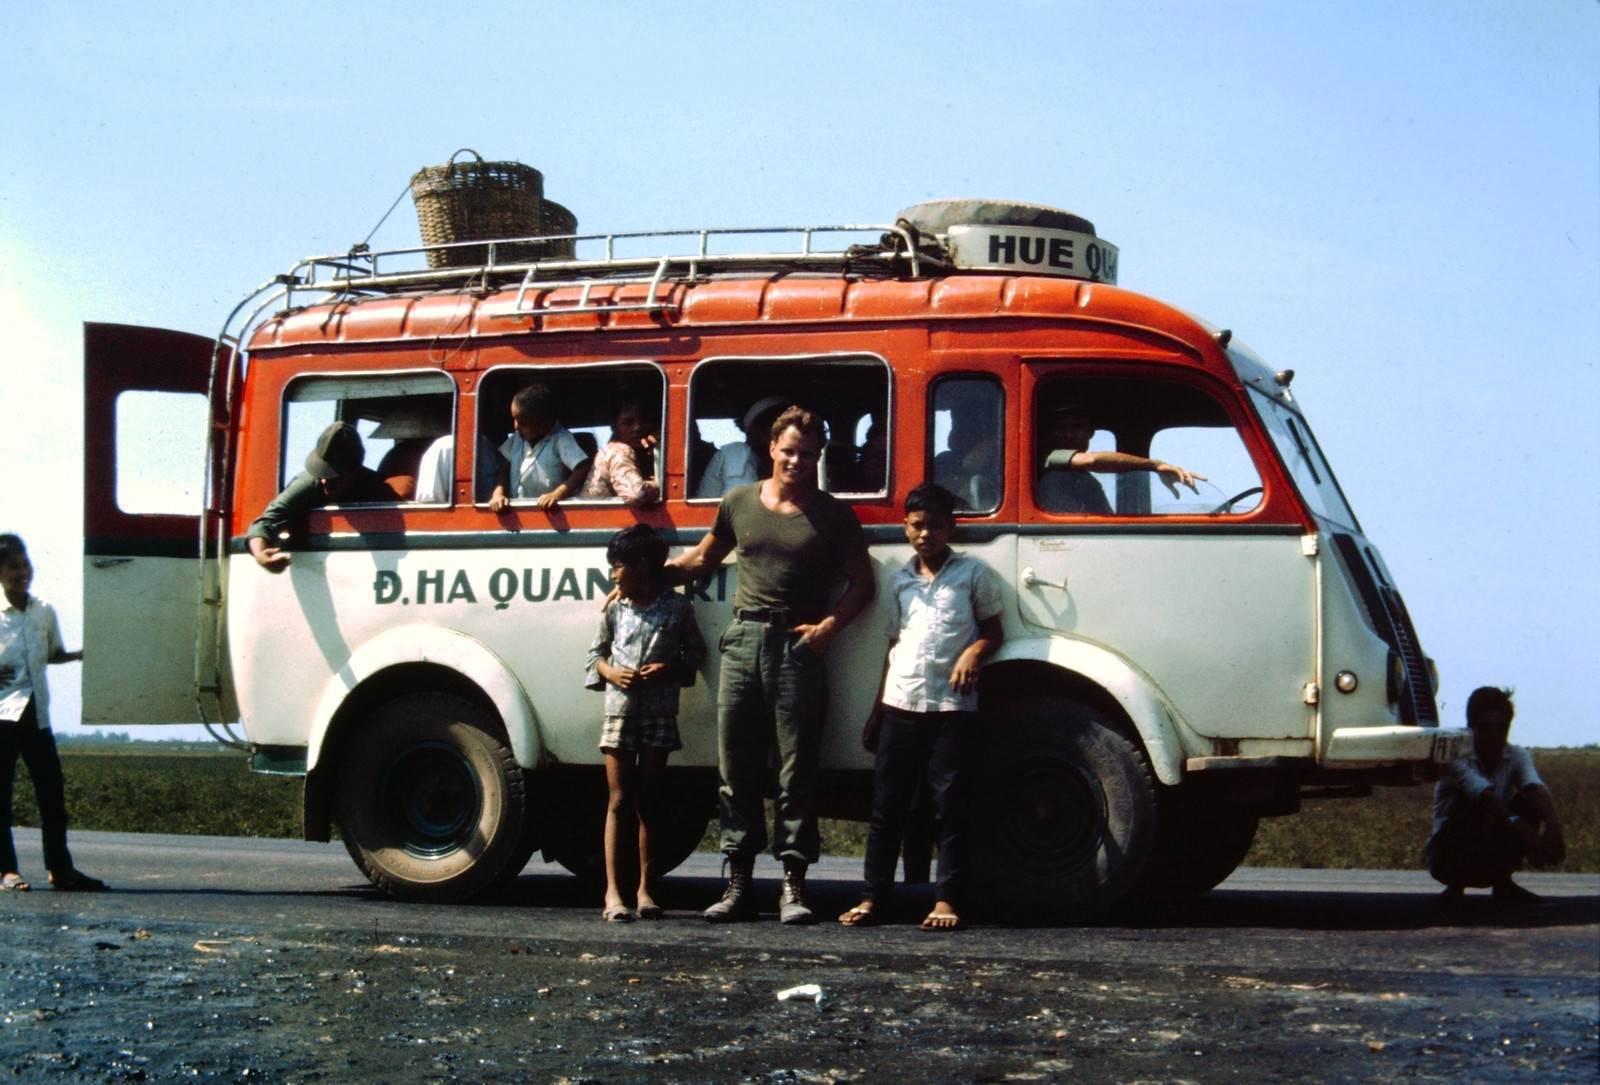 Một người Mỹ đang tạo dáng cùng hai đứa trẻ Việt trước xe khách Đông Hà - Quảng Trị